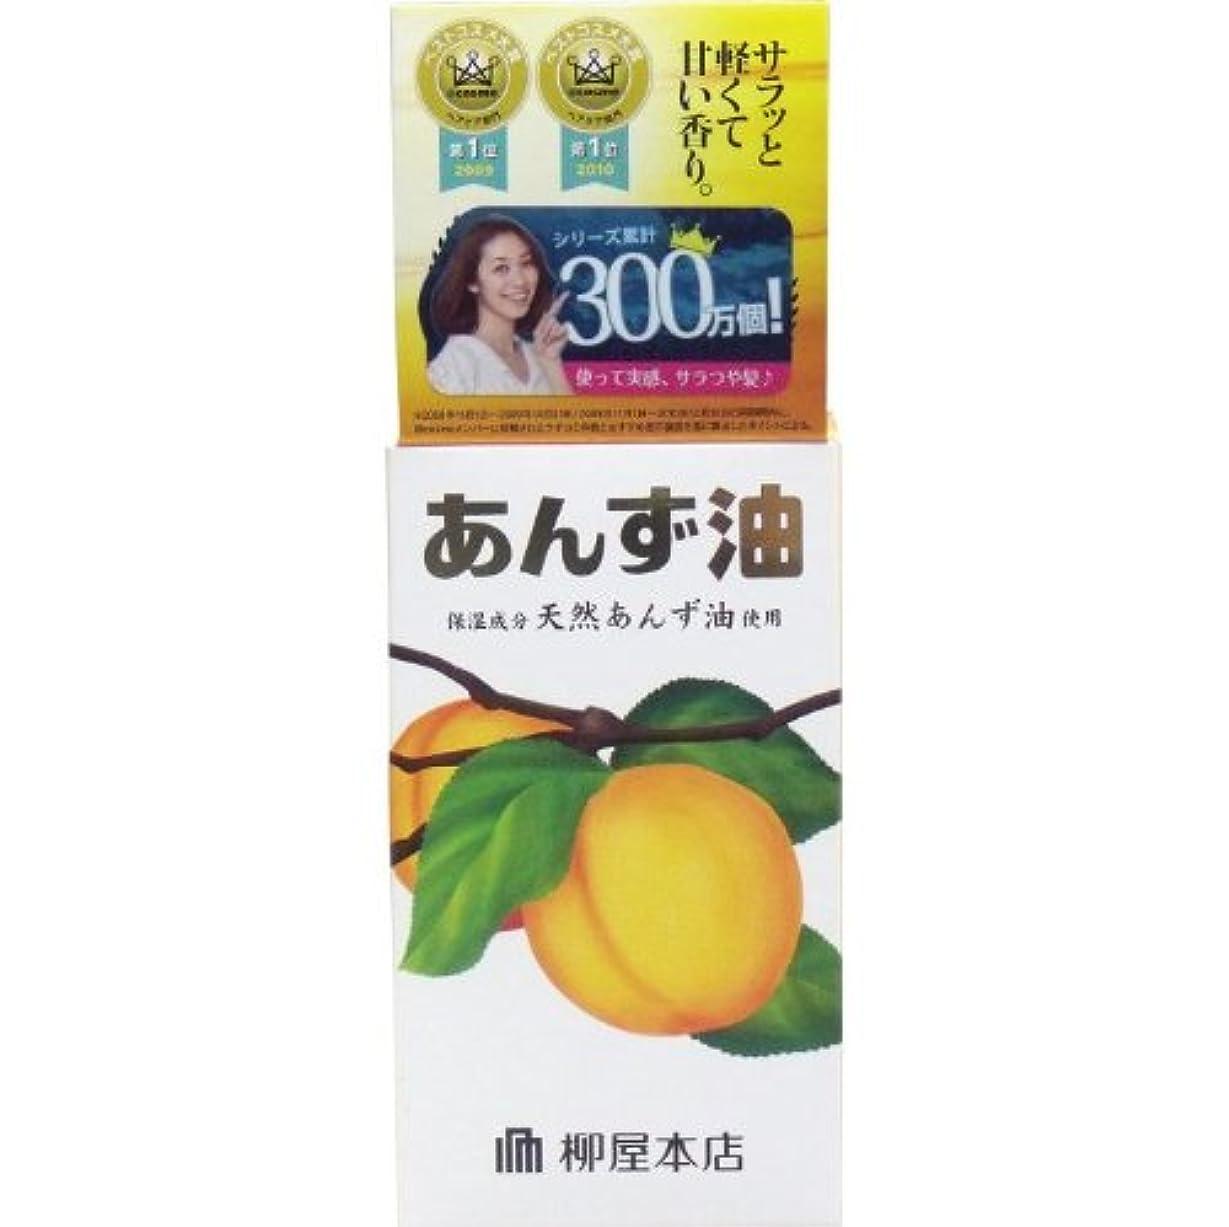 番号松の木スロープミネラル 潤い ヘアオイル サラッと軽くて甘い香り!60mL【2個セット】